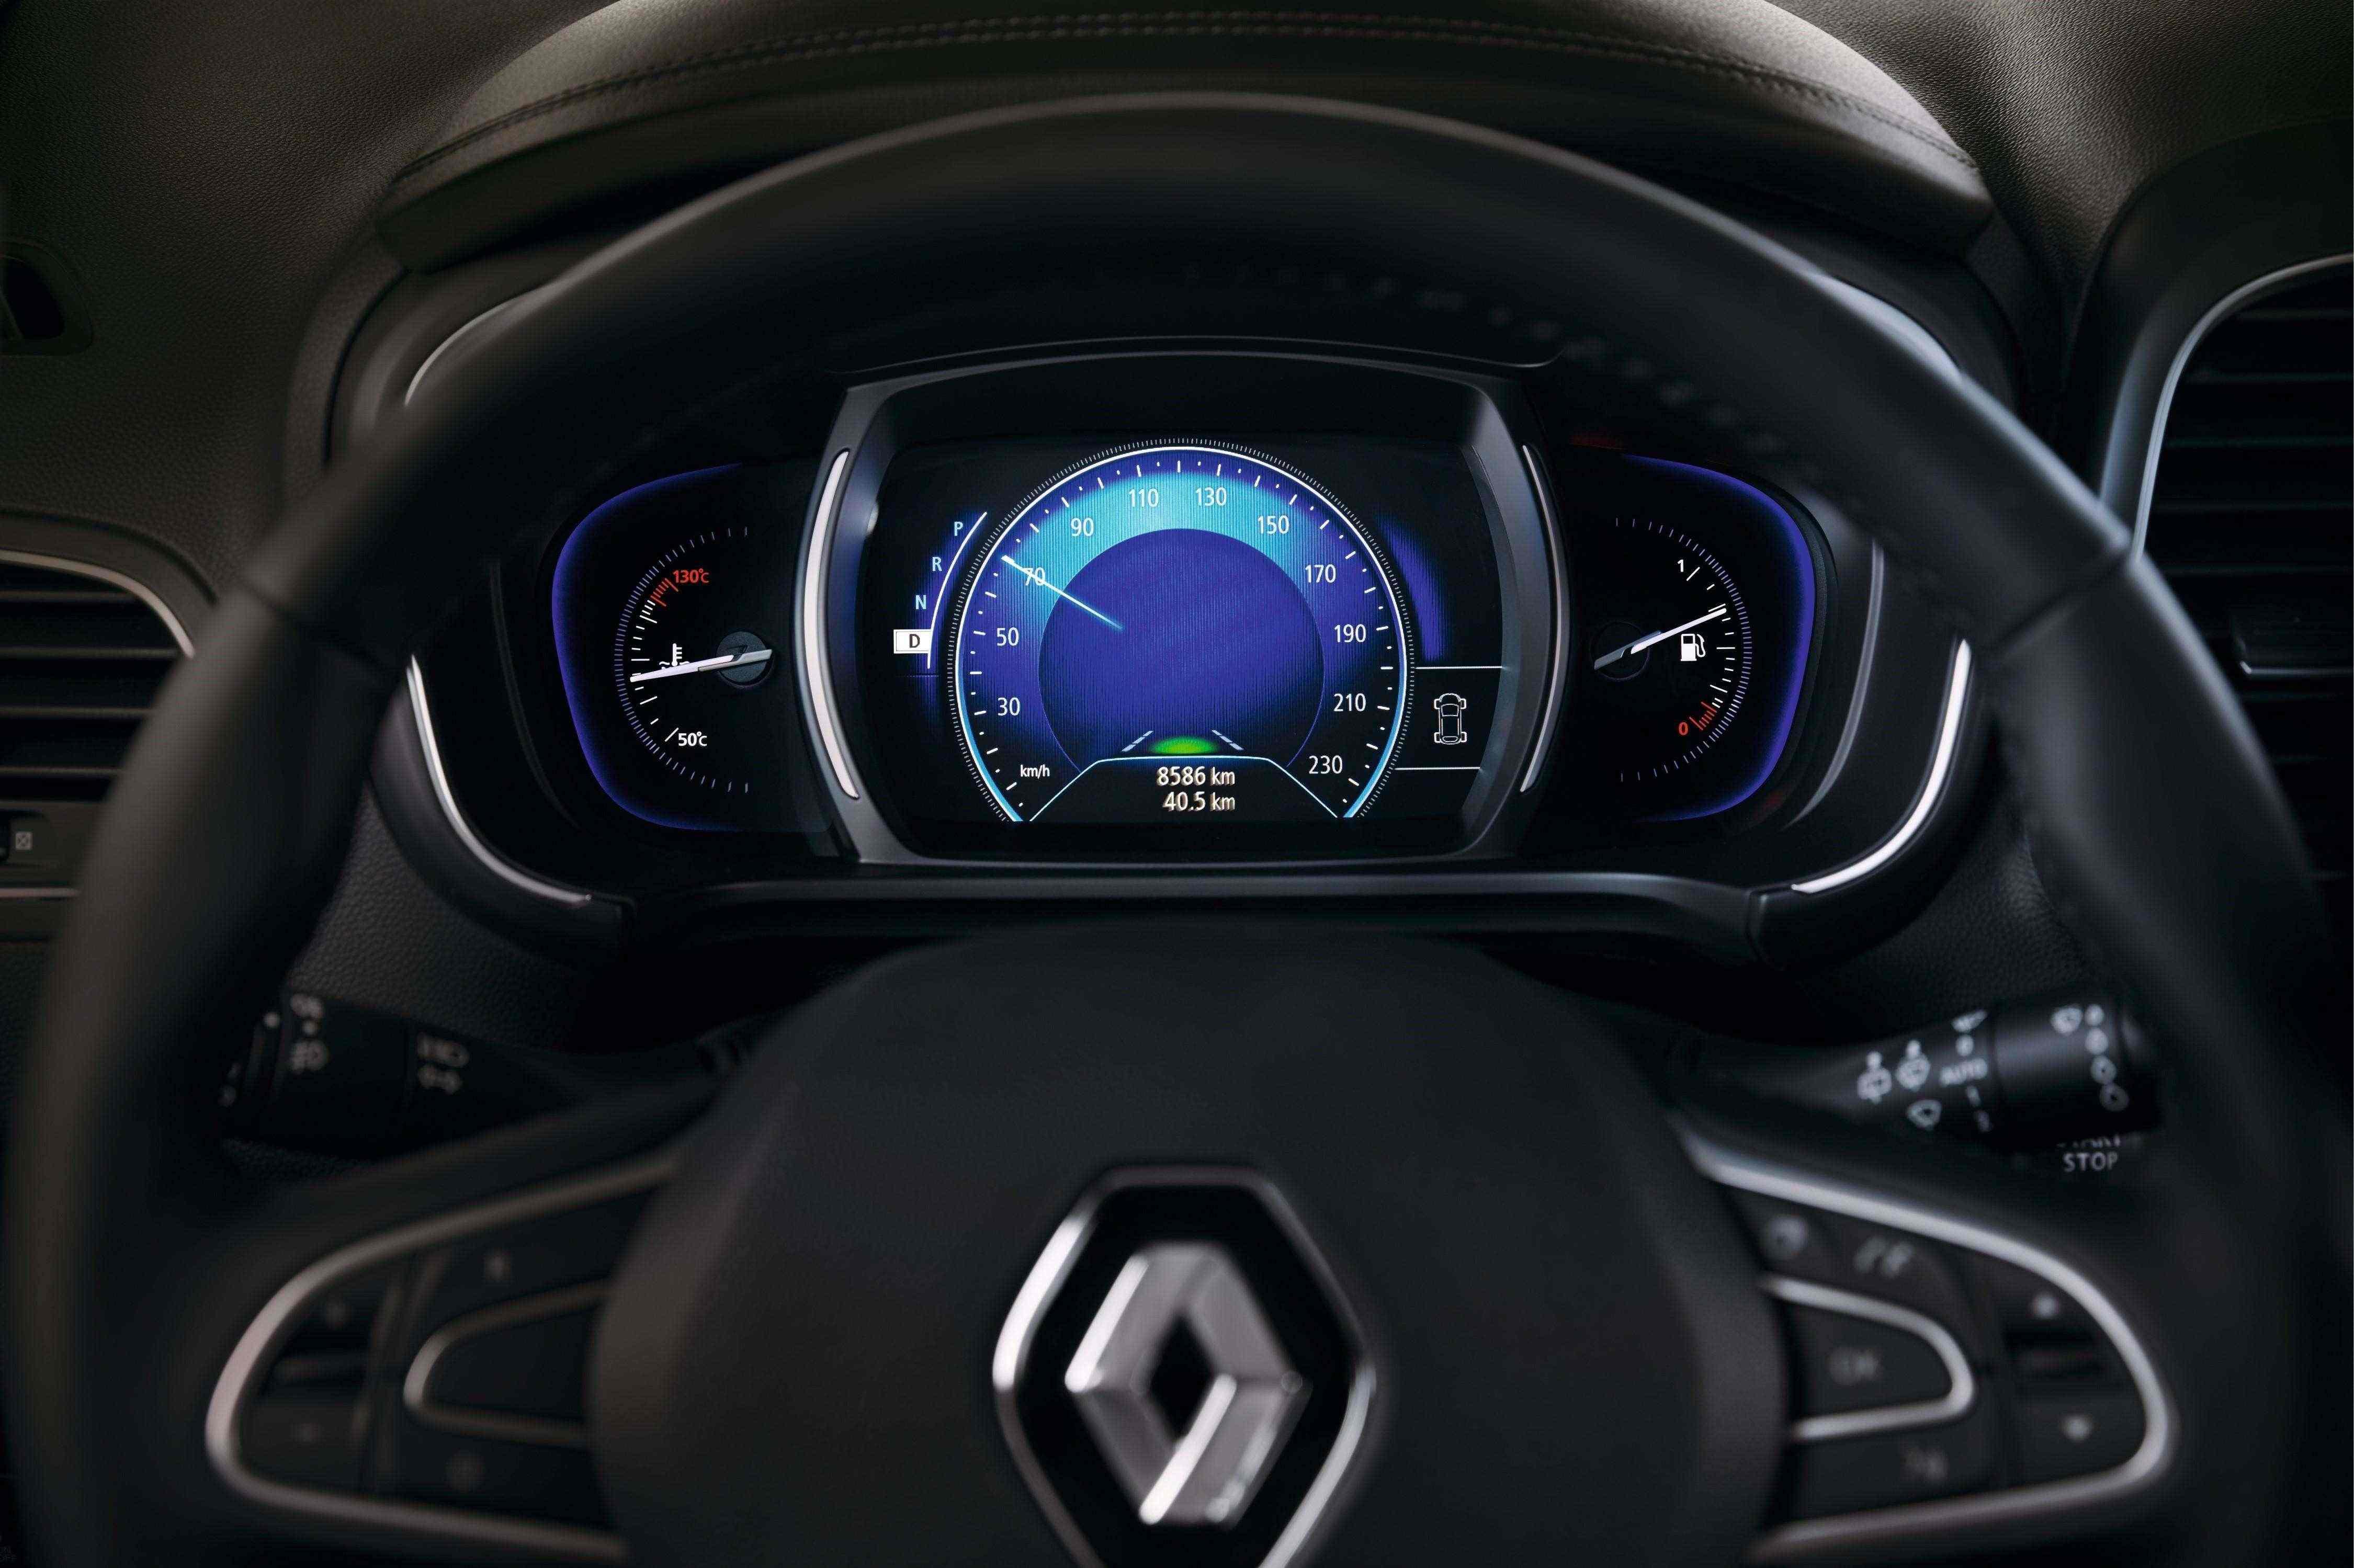 Renault_77501_global_en